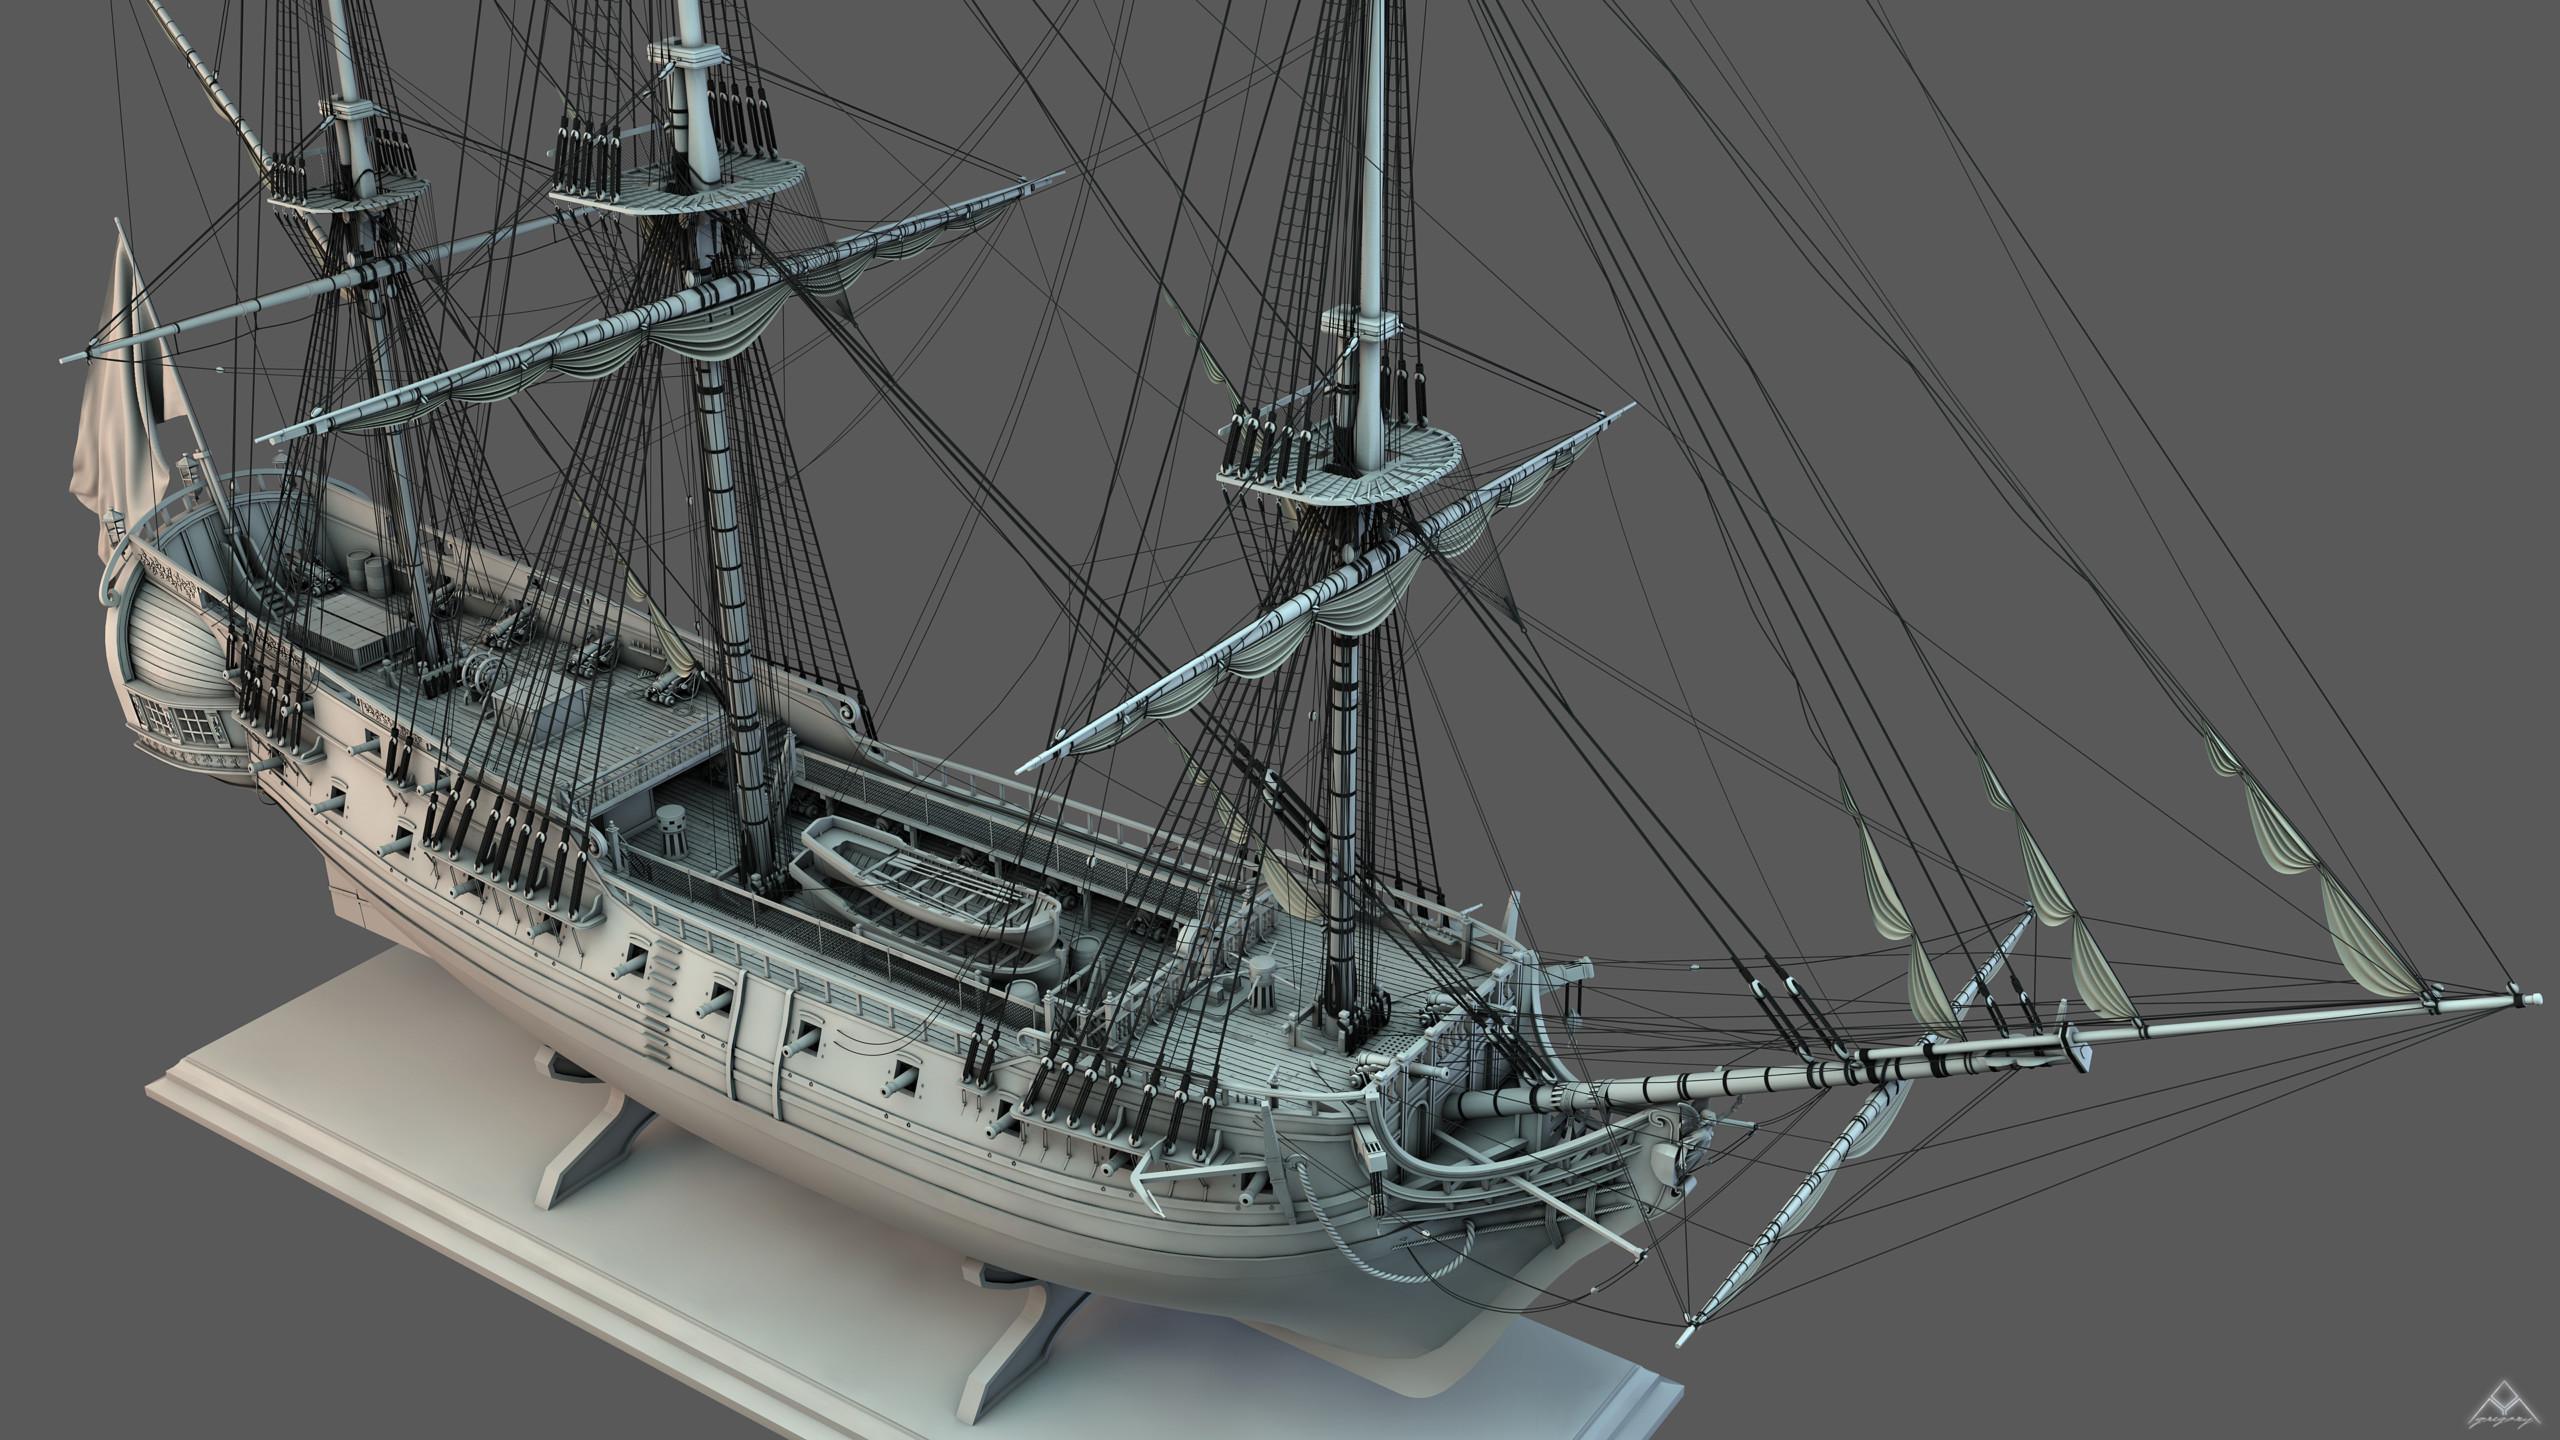 Frégate m'a première réalisation d'un navire en 3D. - Page 10 Frzoga31